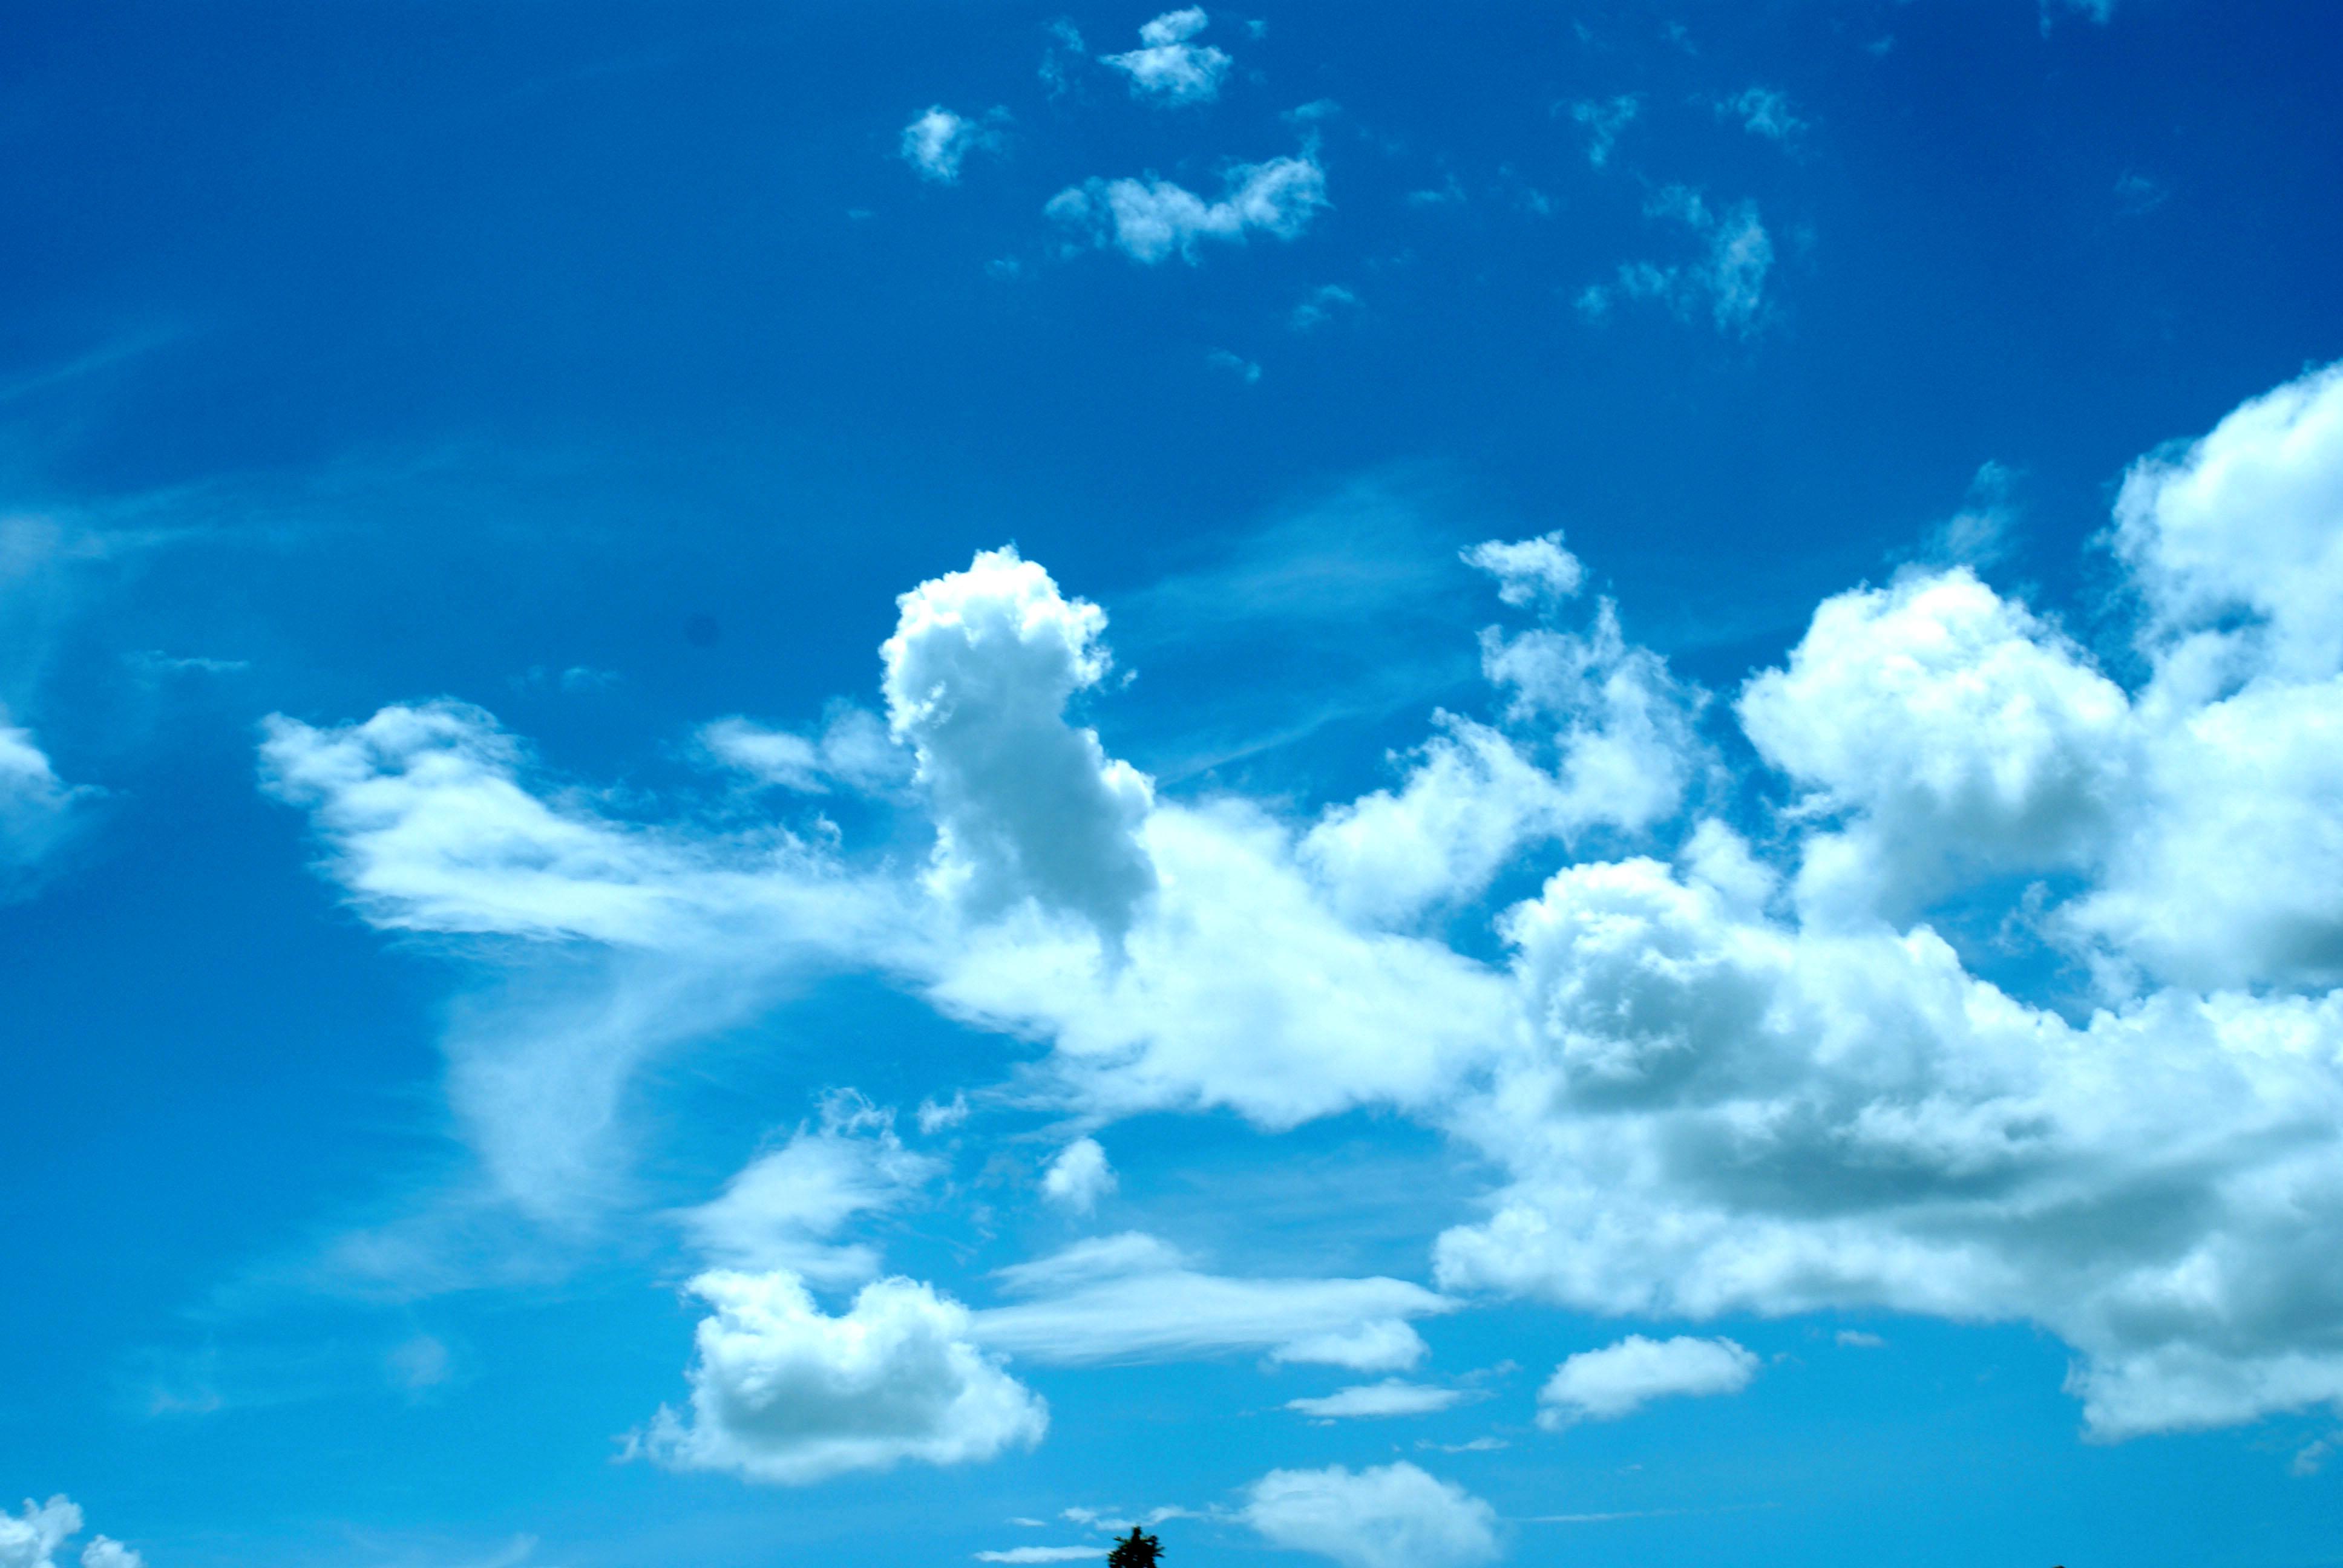 облака, фото, скачать, обои для рабочего стола, sky wallpaper